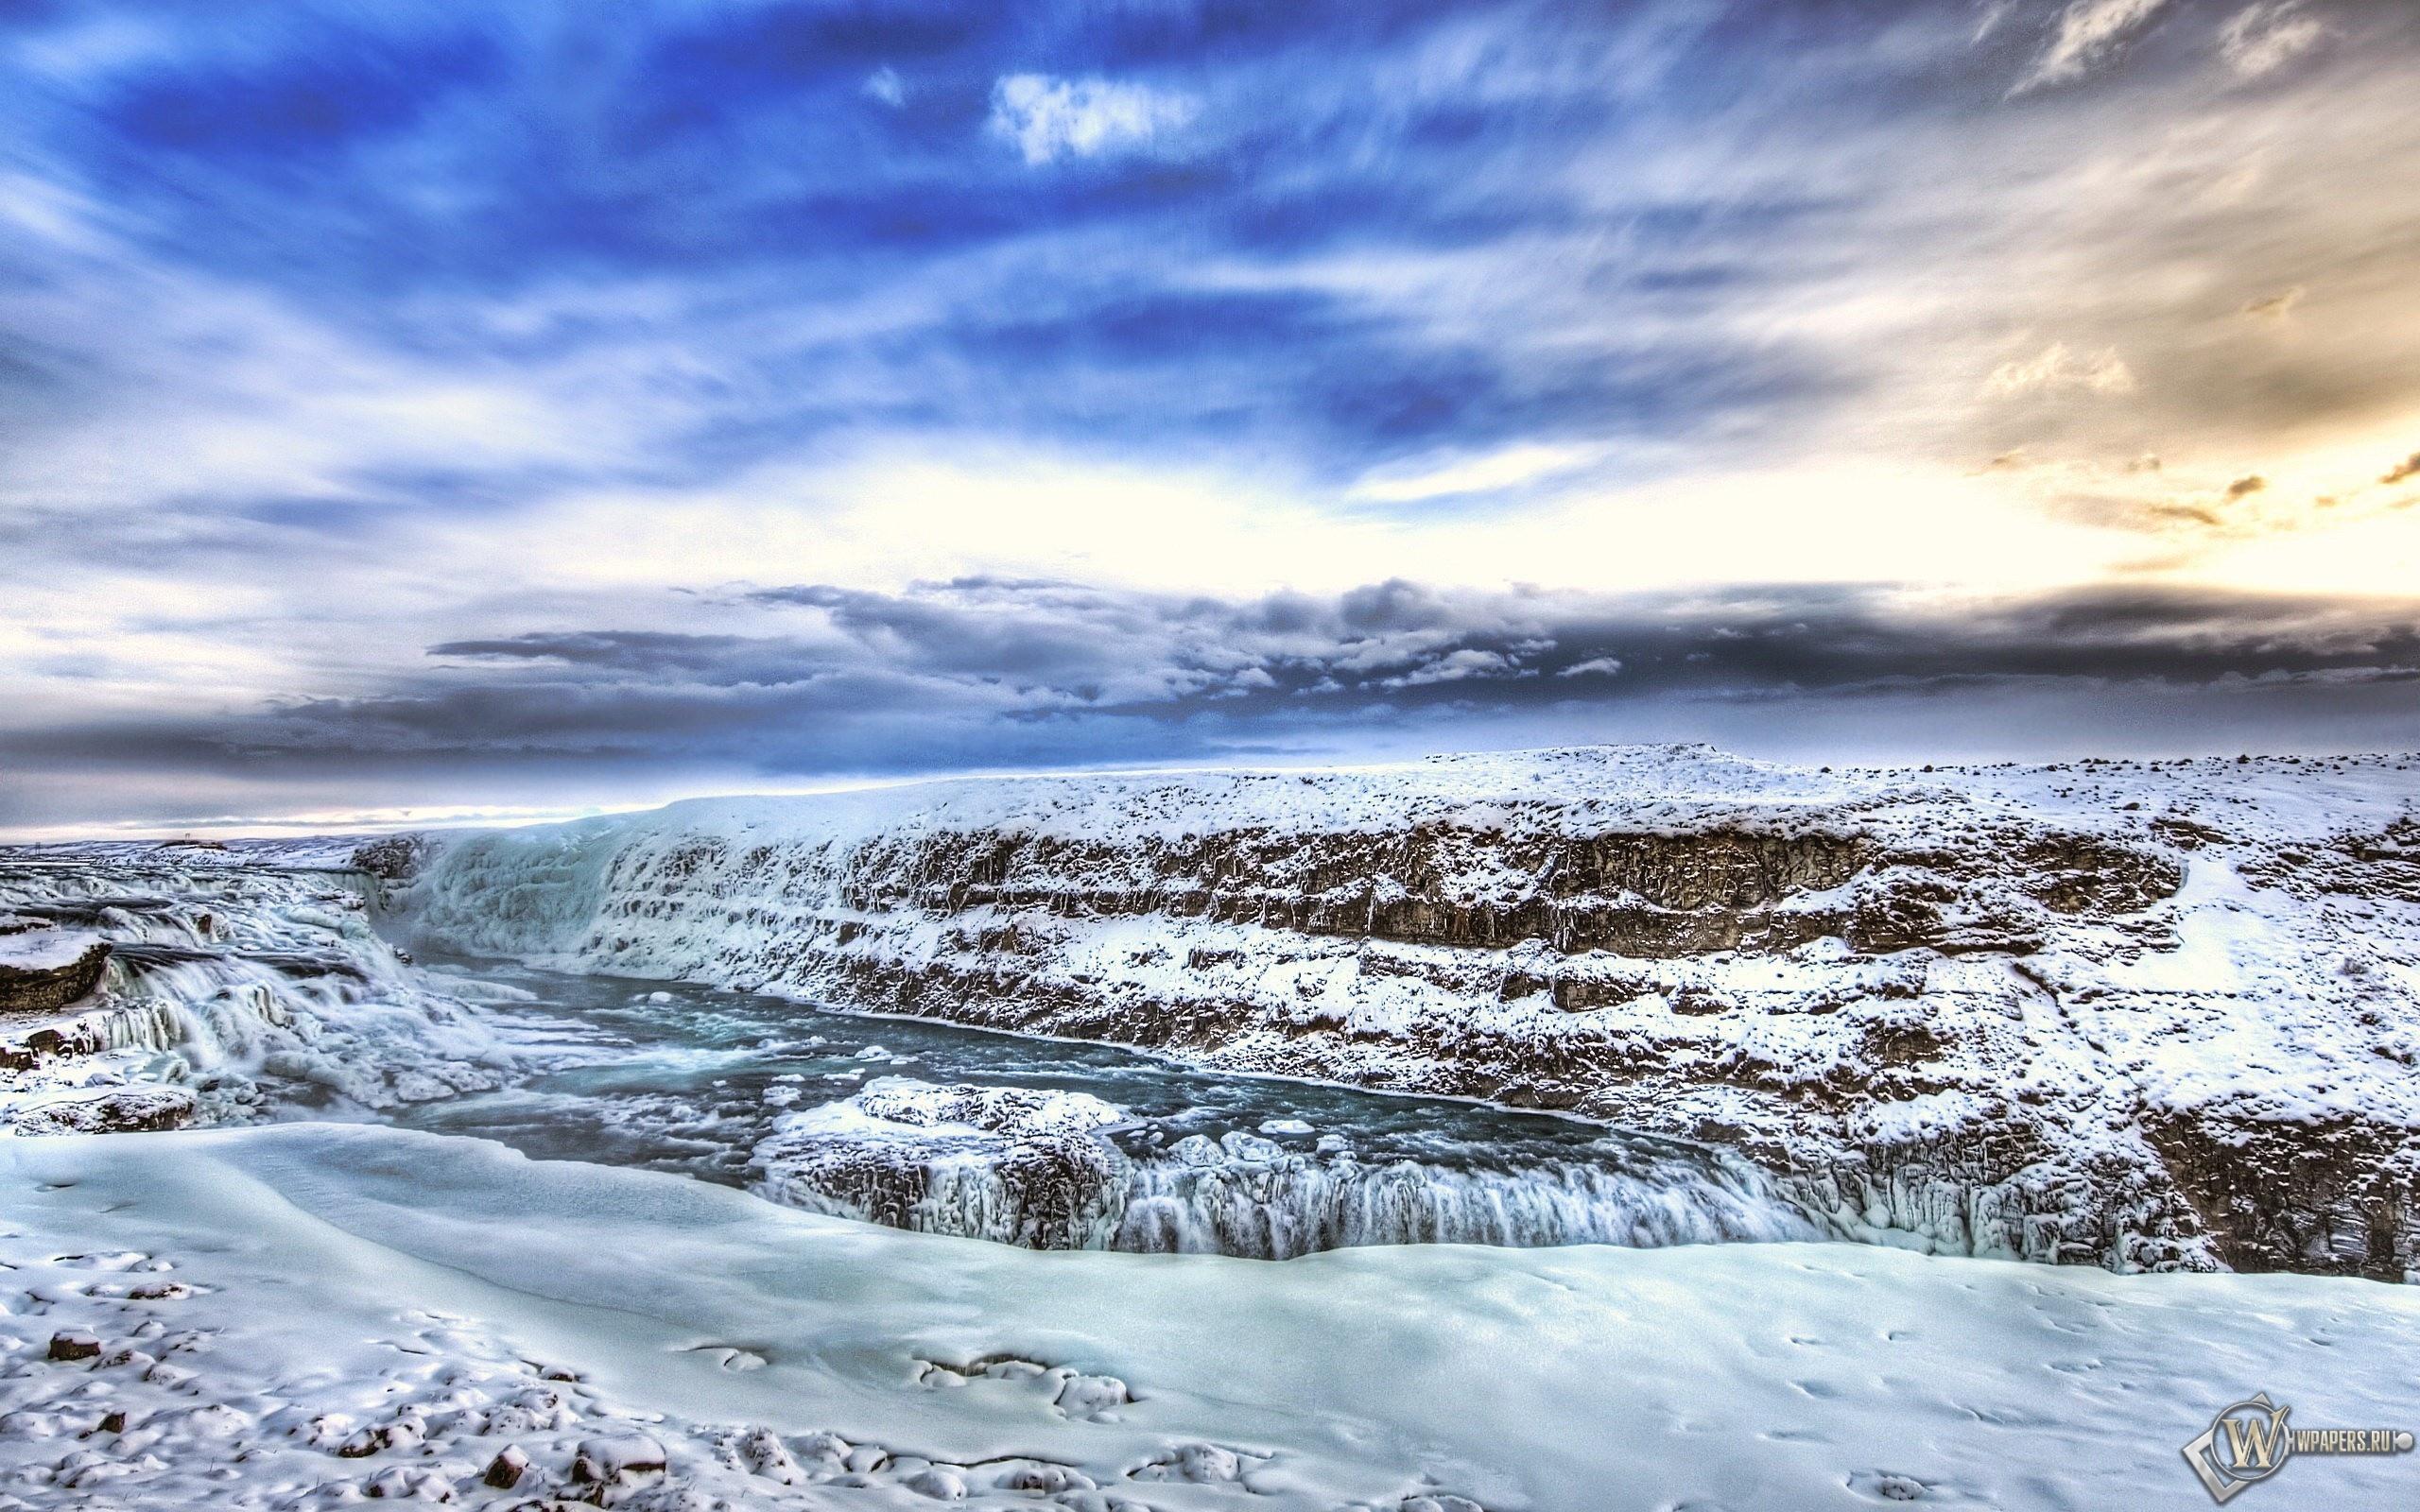 Ледяная река 2560x1600